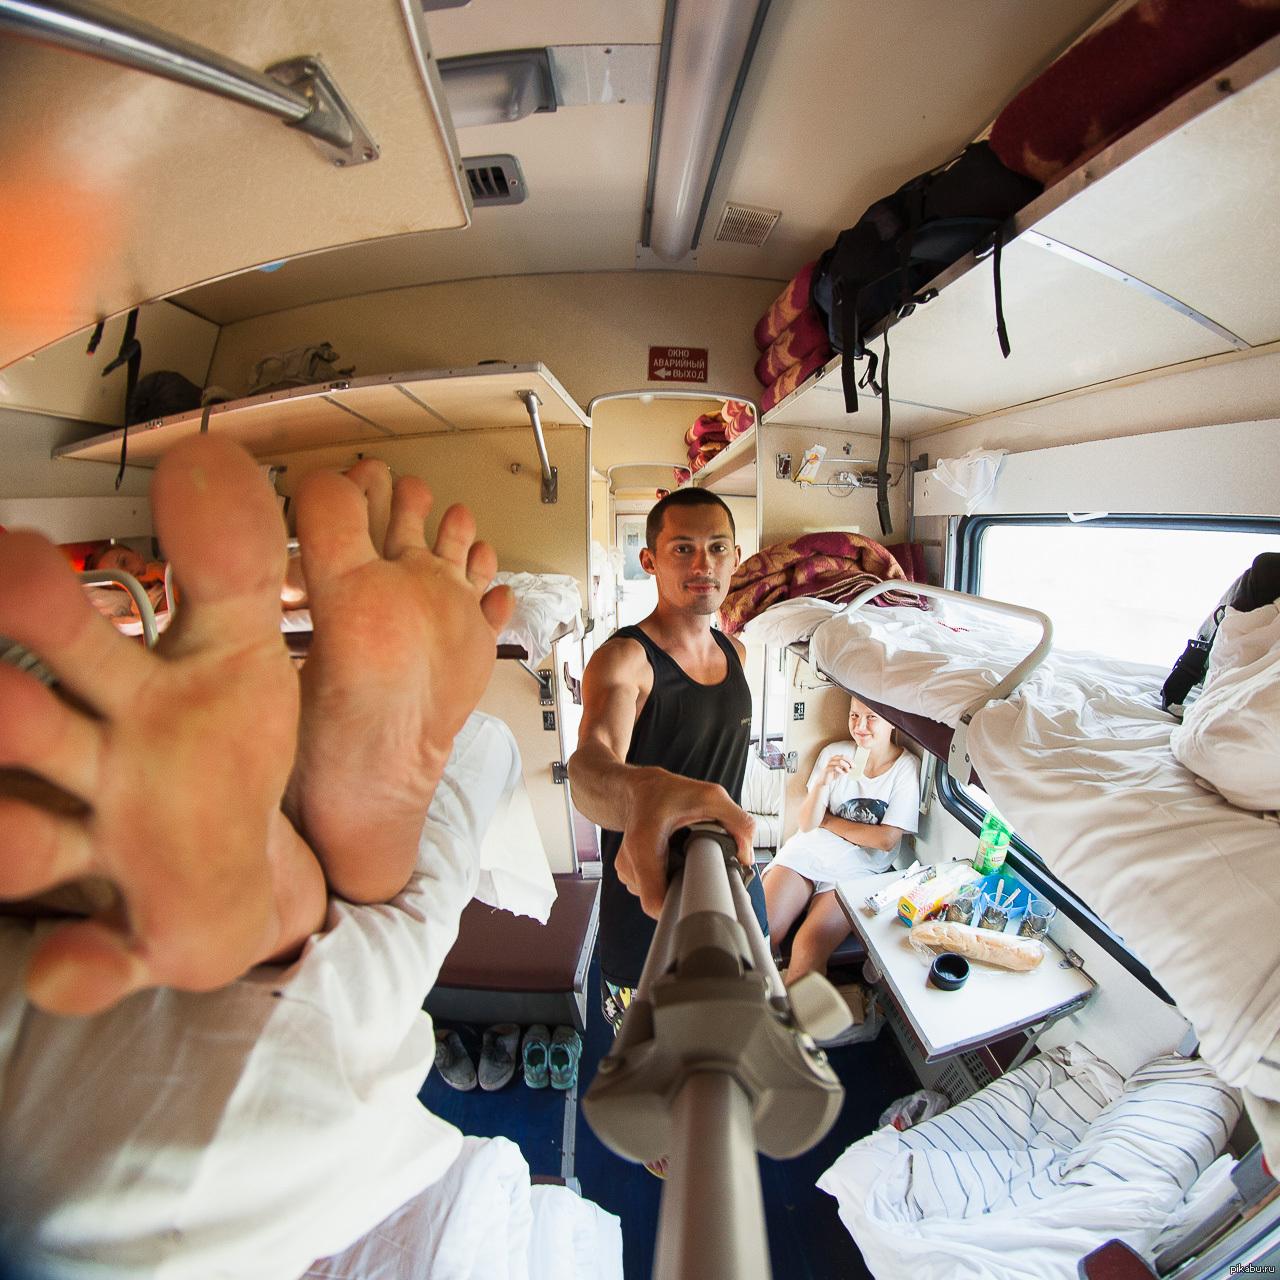 Прикольные картинки людей в поезде